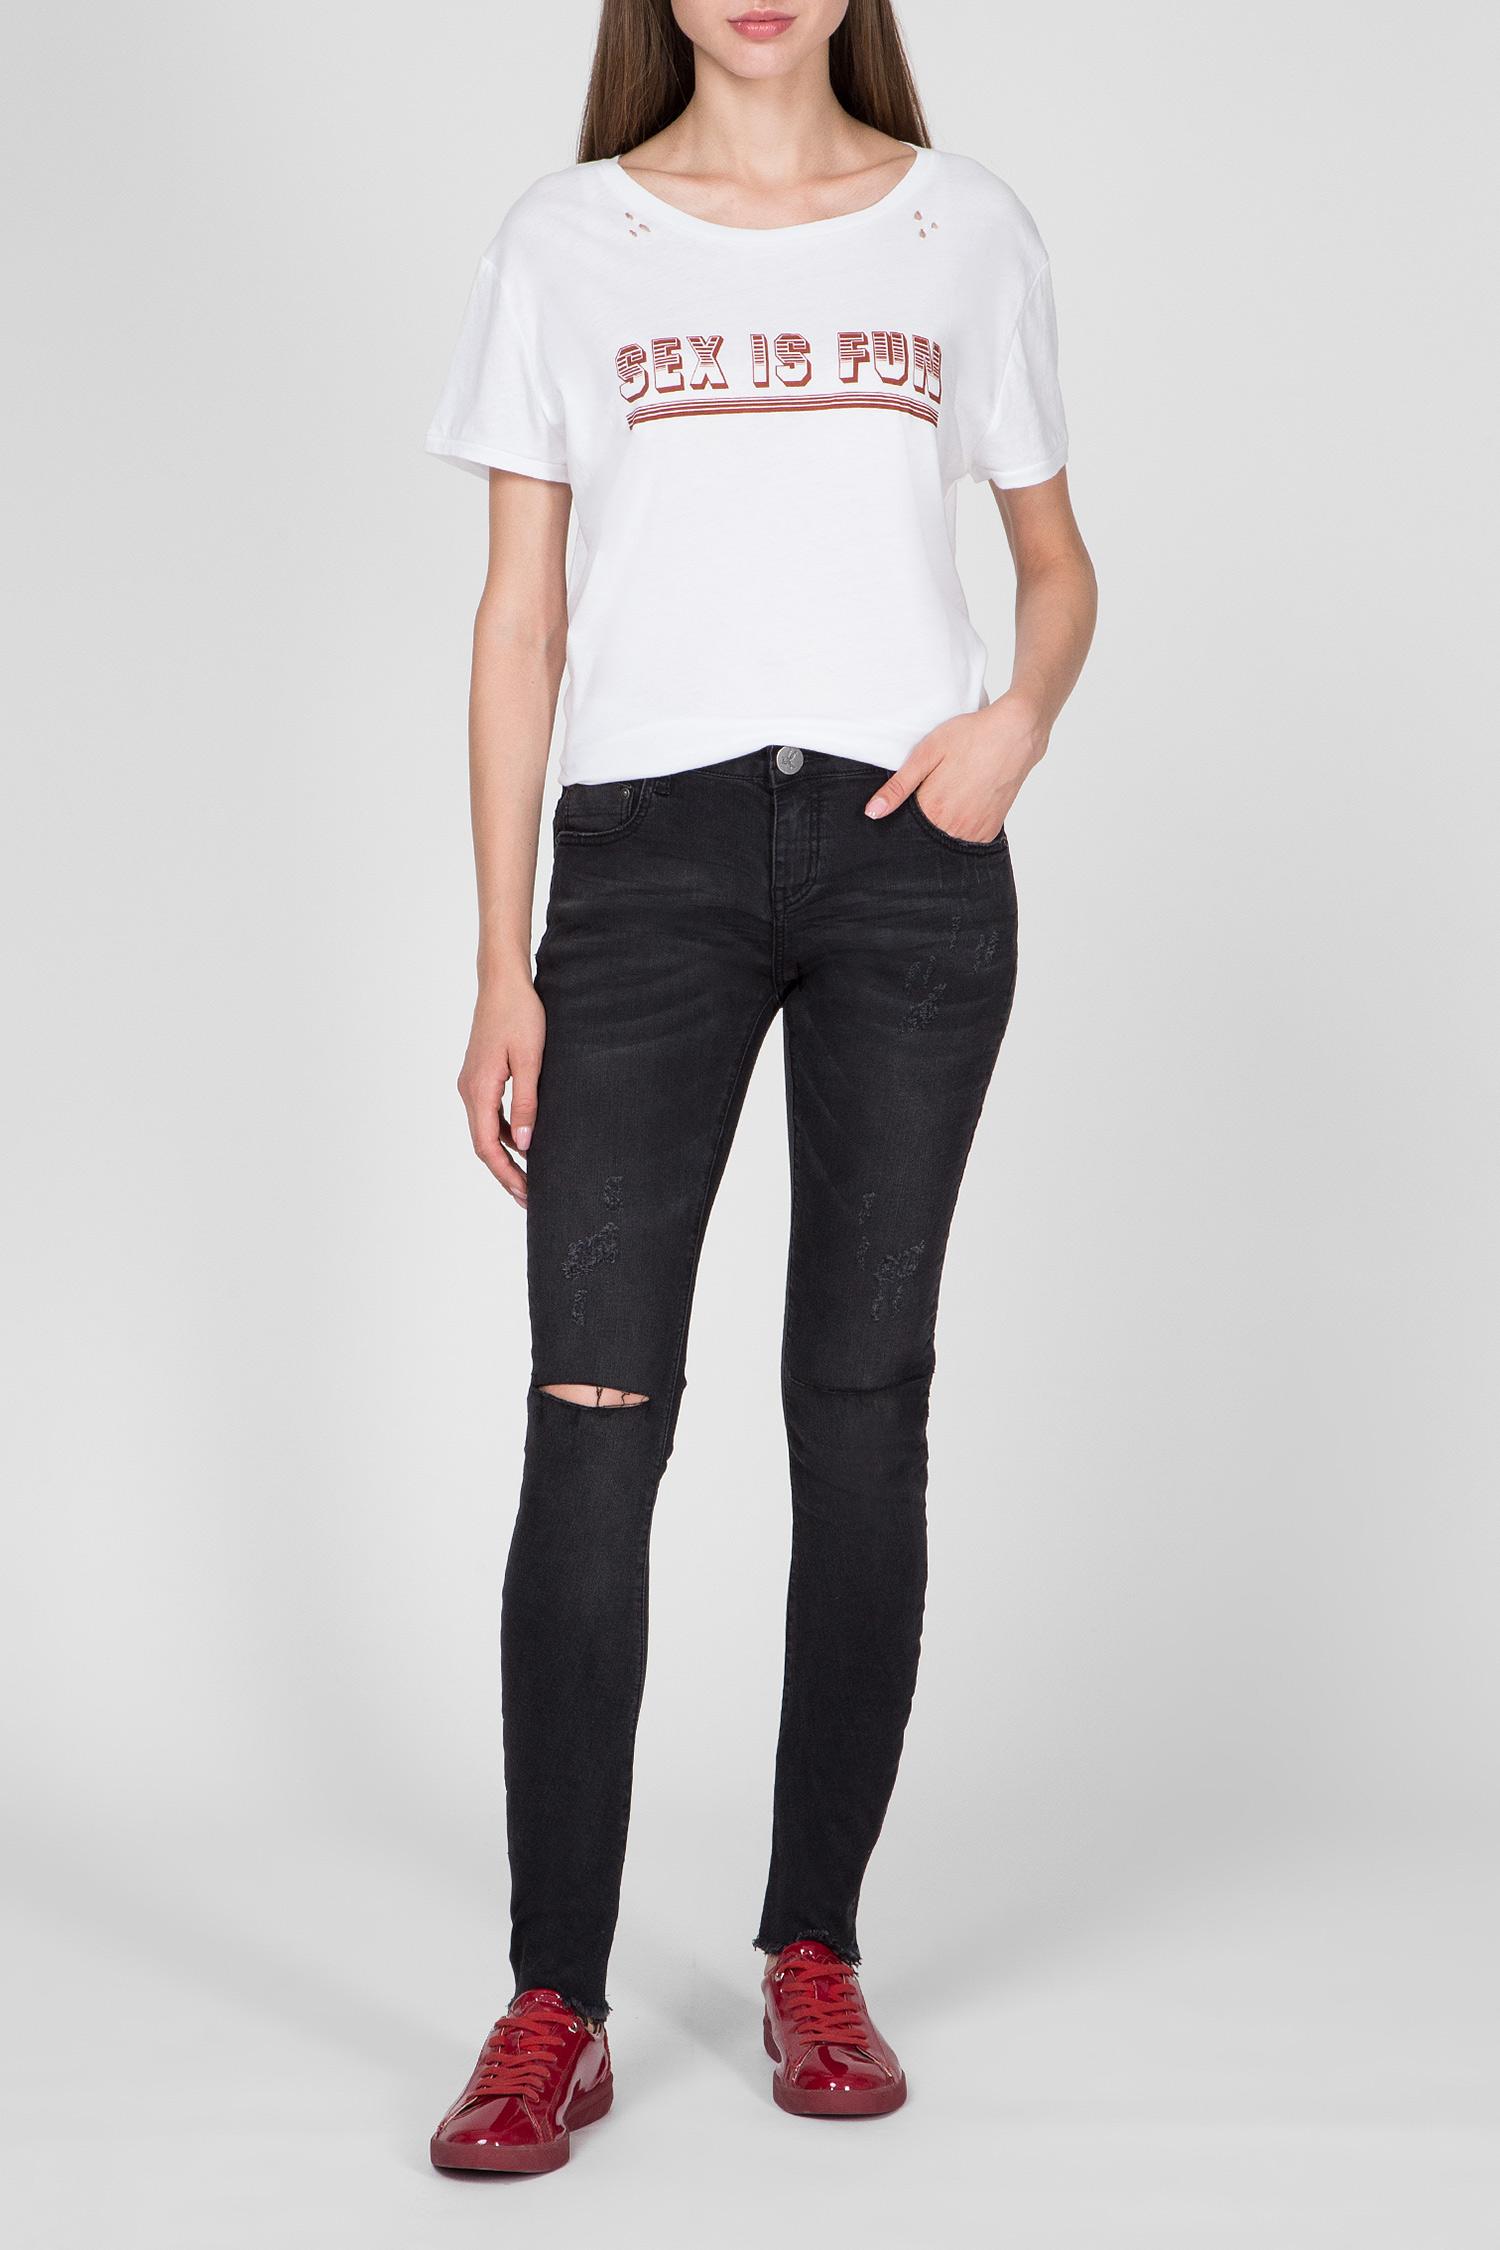 Купить Женские темно-серые джинсы BLACK PARIS HOODLUMS One Teaspoon One Teaspoon 19557B-ONE – Киев, Украина. Цены в интернет магазине MD Fashion